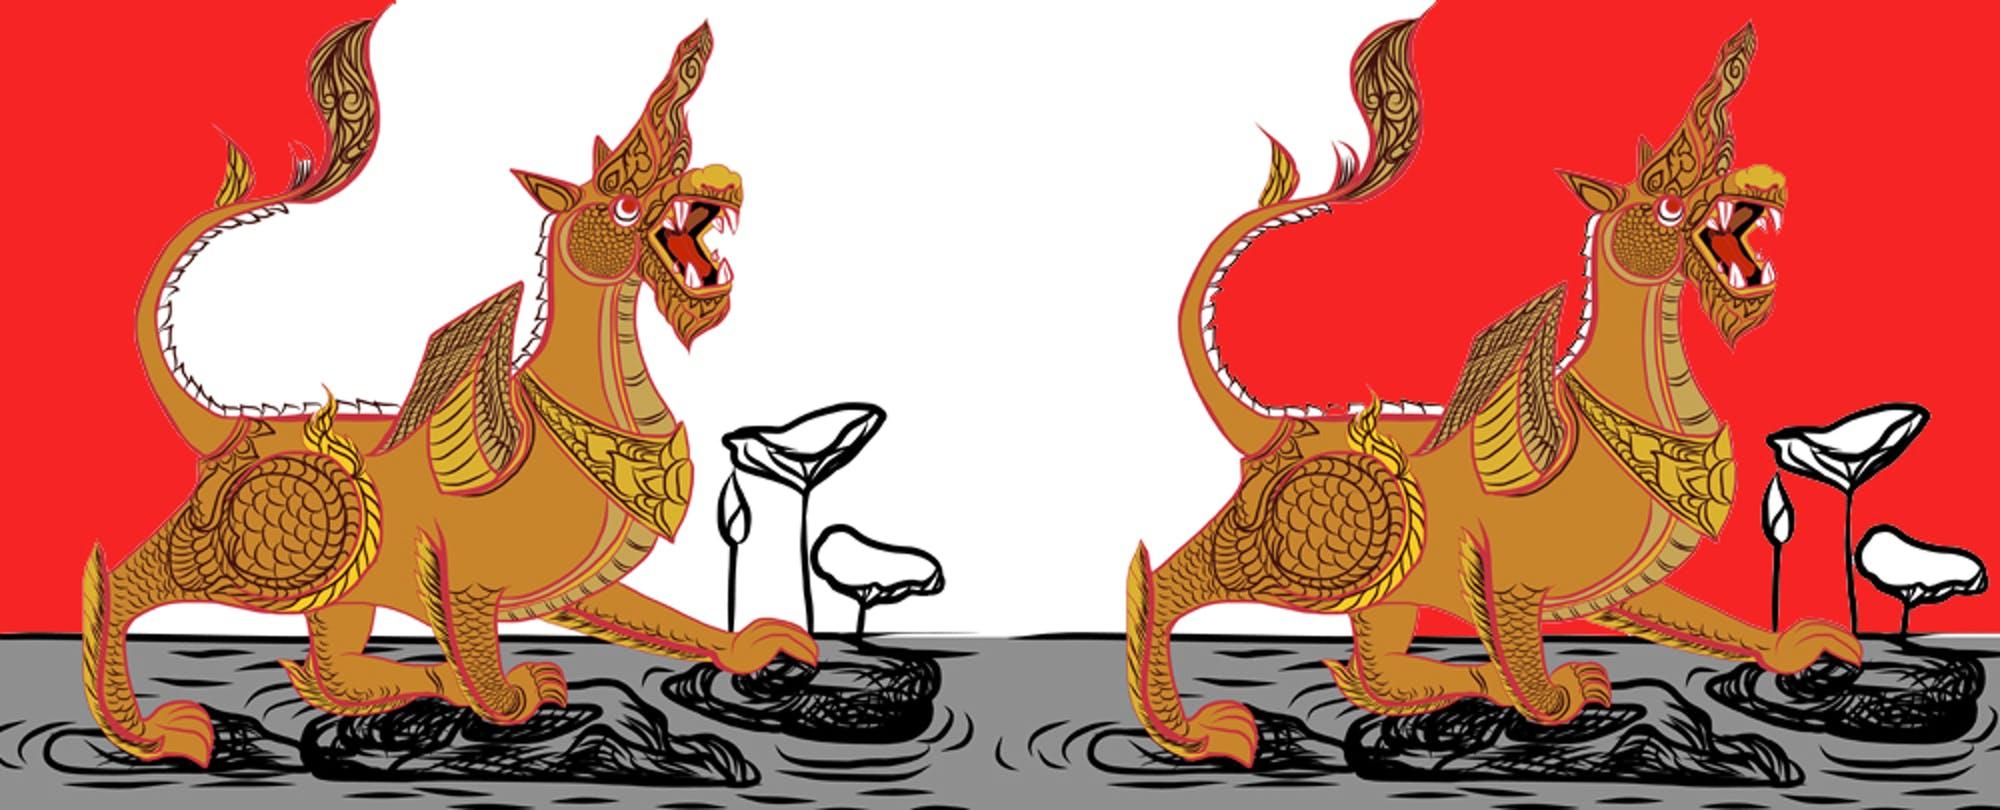 Chasing China's Edtech Unicorns: A Cautionary Tale